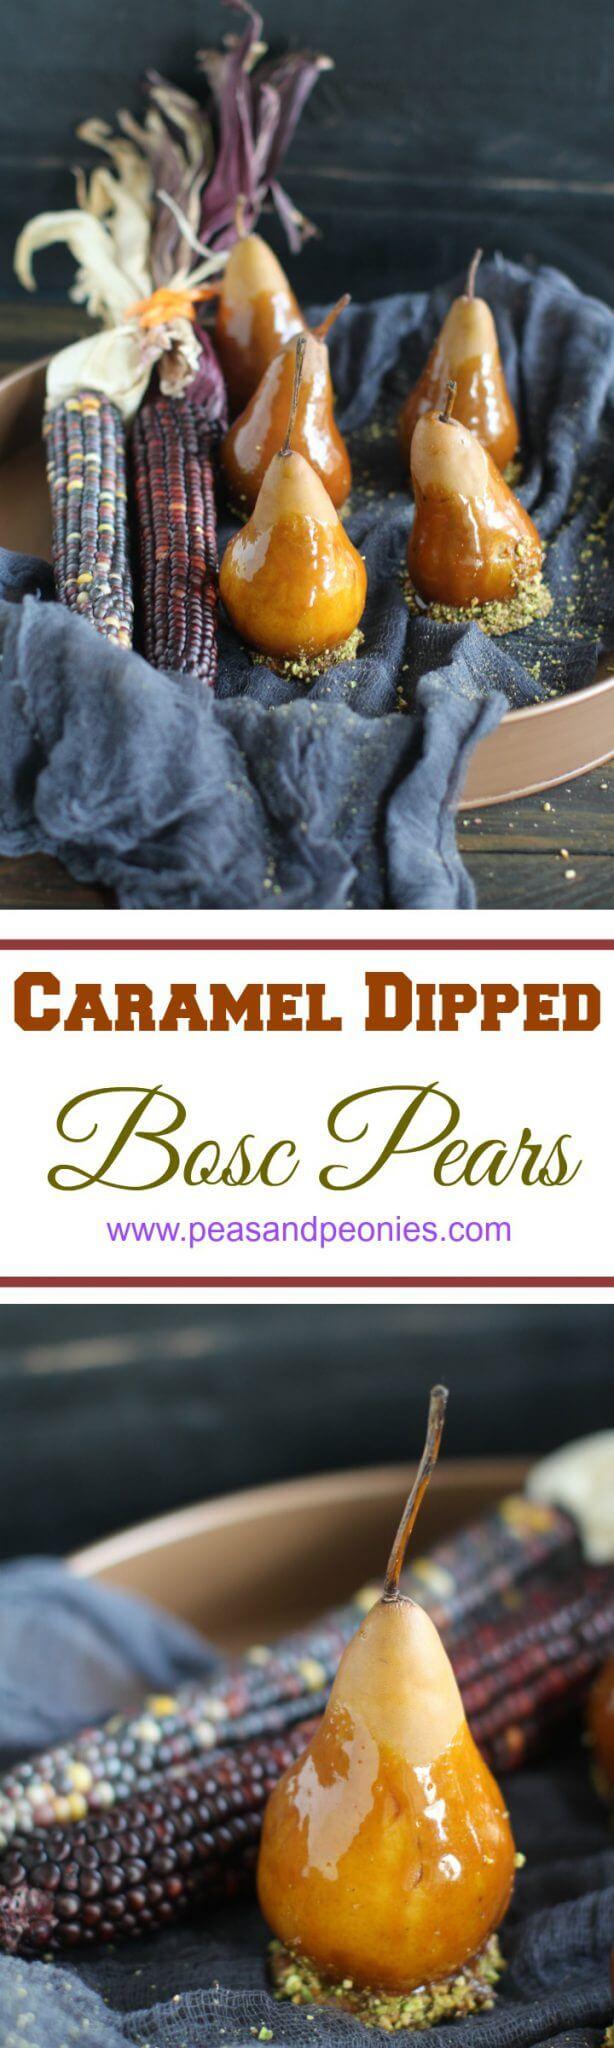 Caramel Dipped Bosc Pears